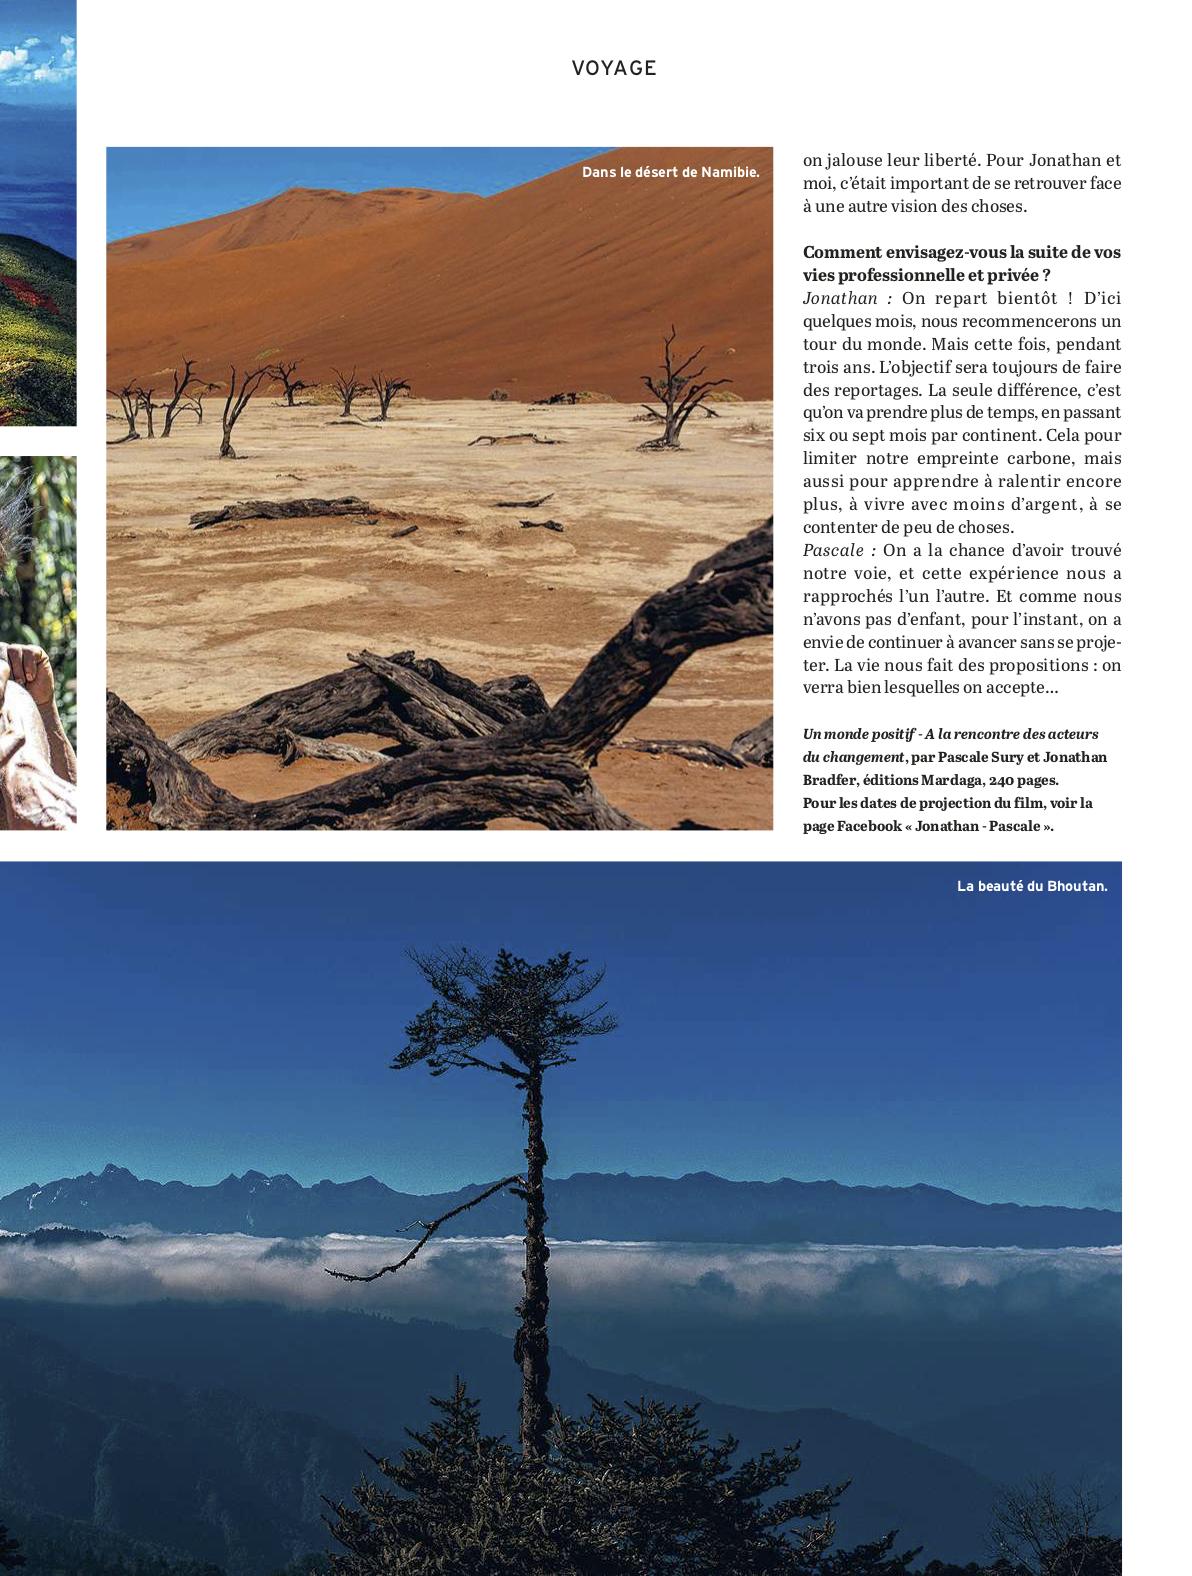 LW11-Voyage positif copie page 6.jpg